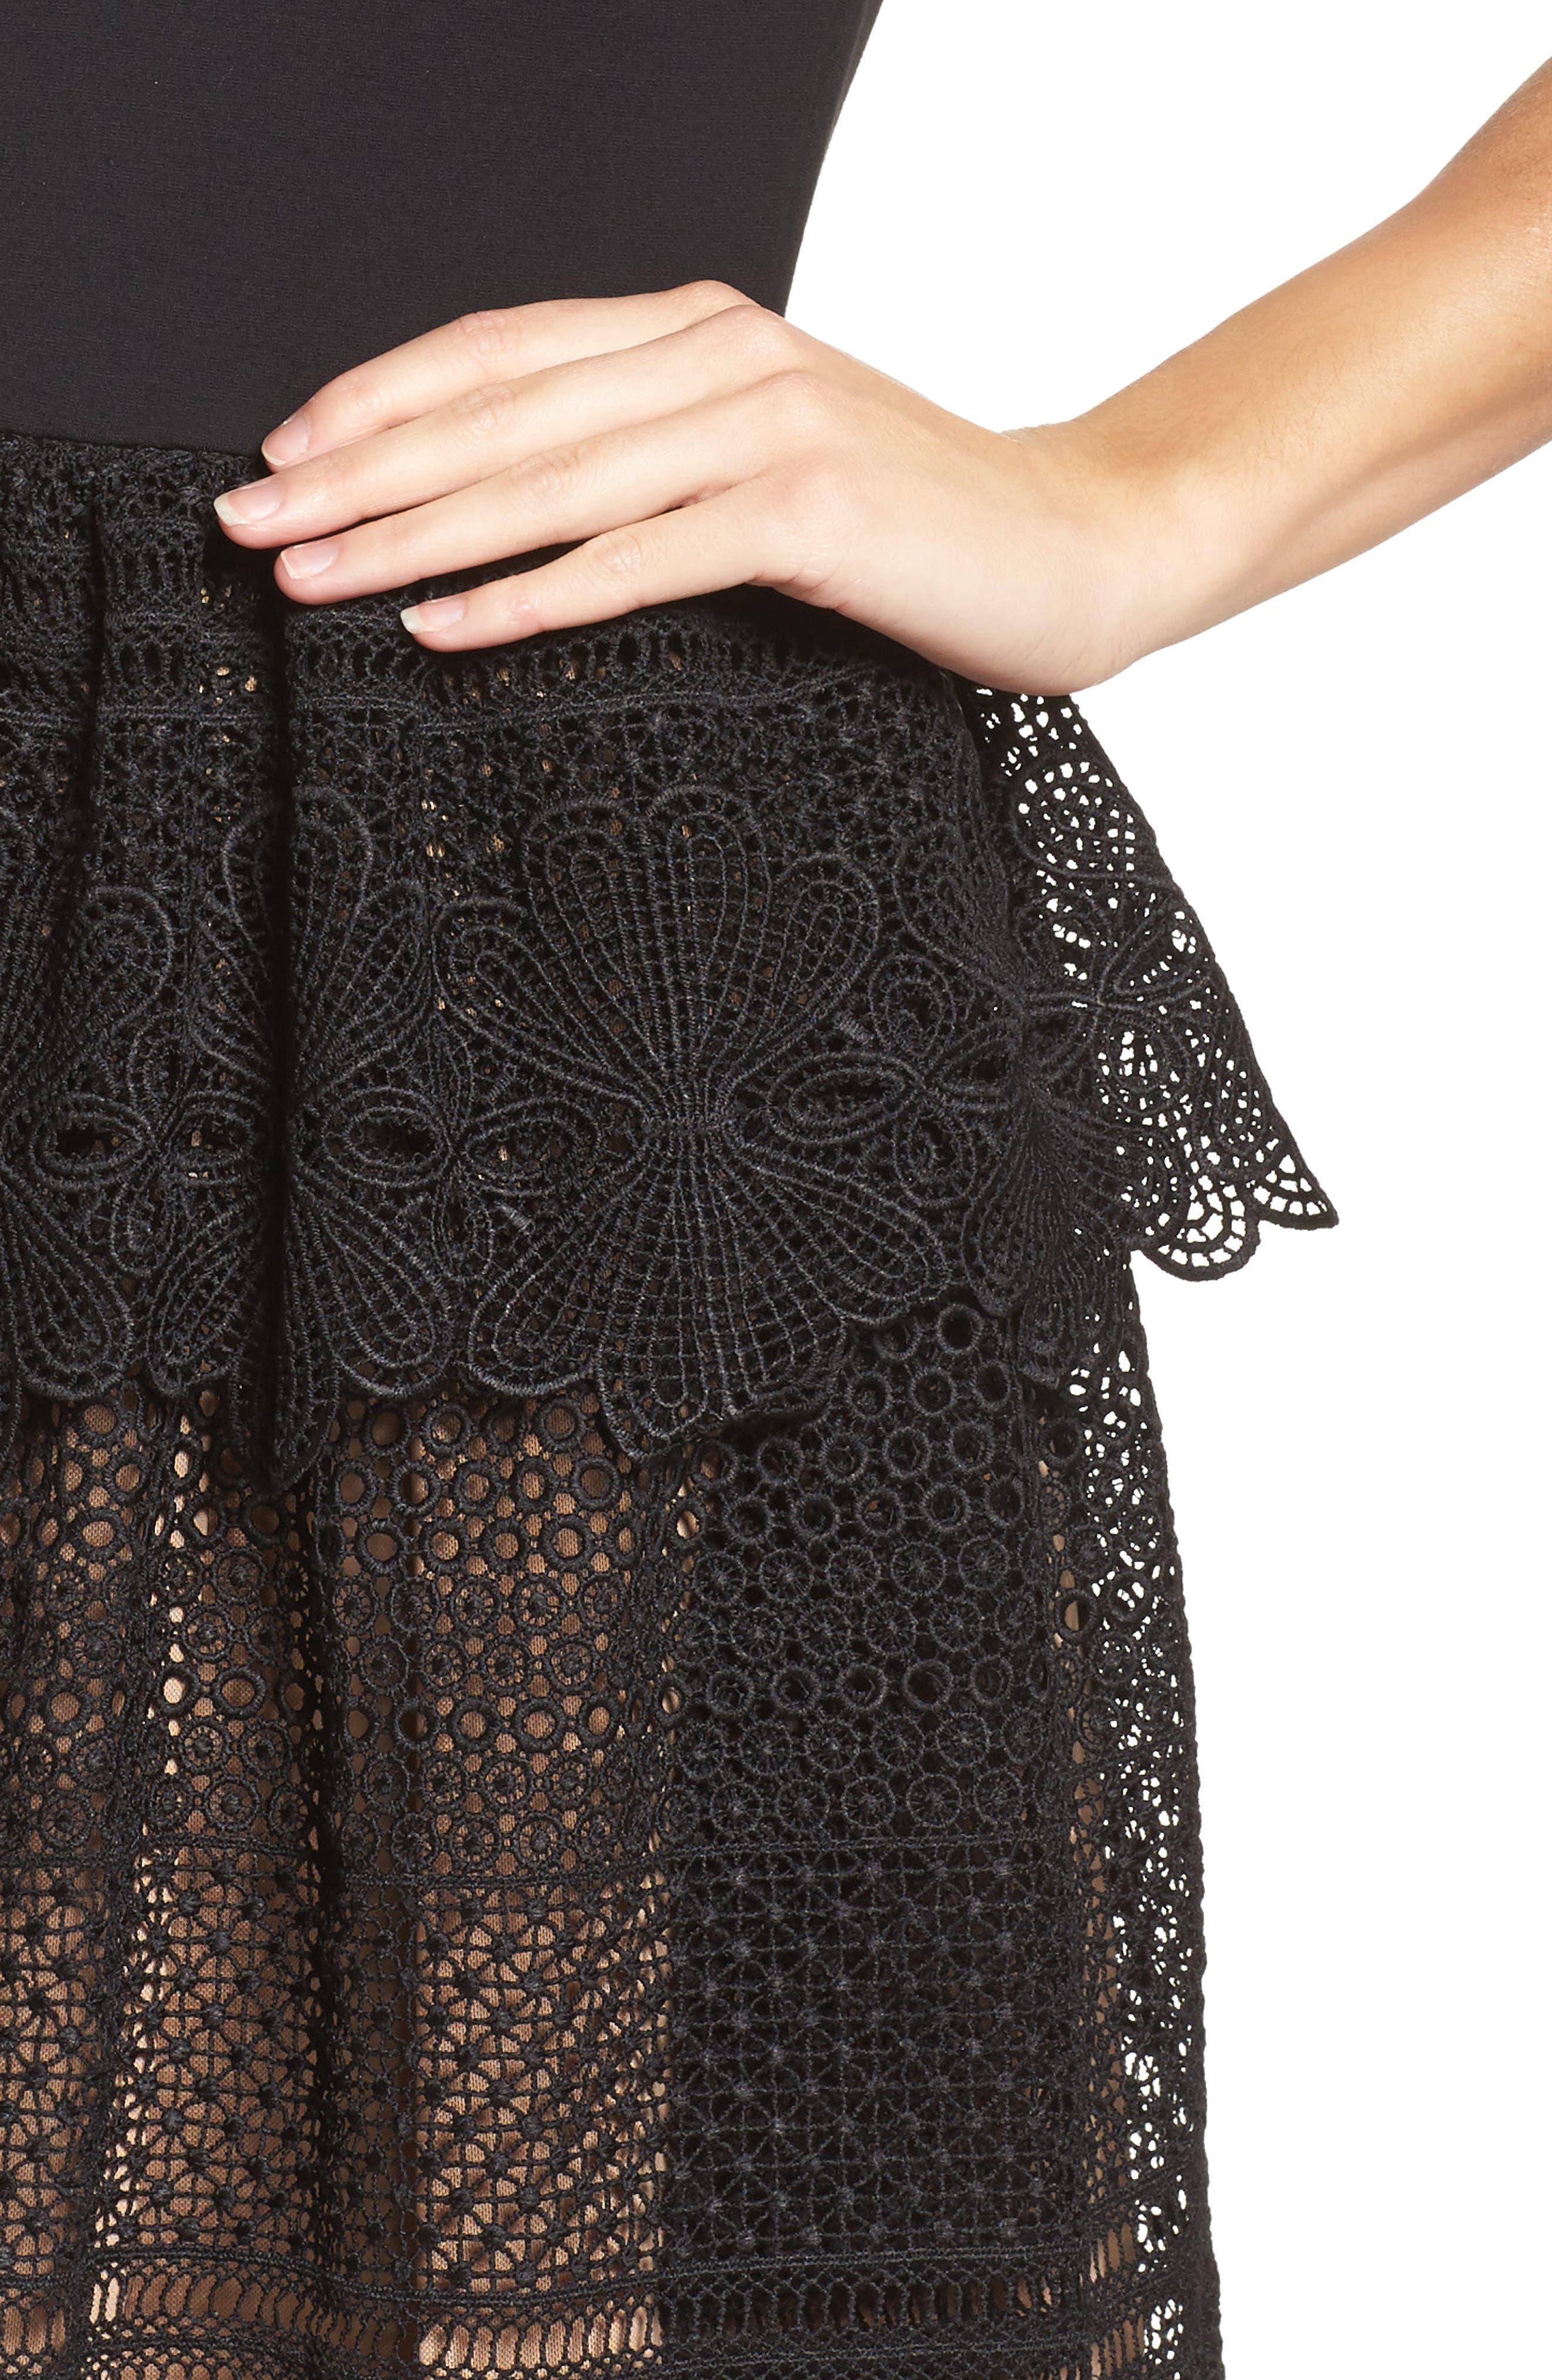 Amelia Lace A-Line Dress,                             Alternate thumbnail 4, color,                             001